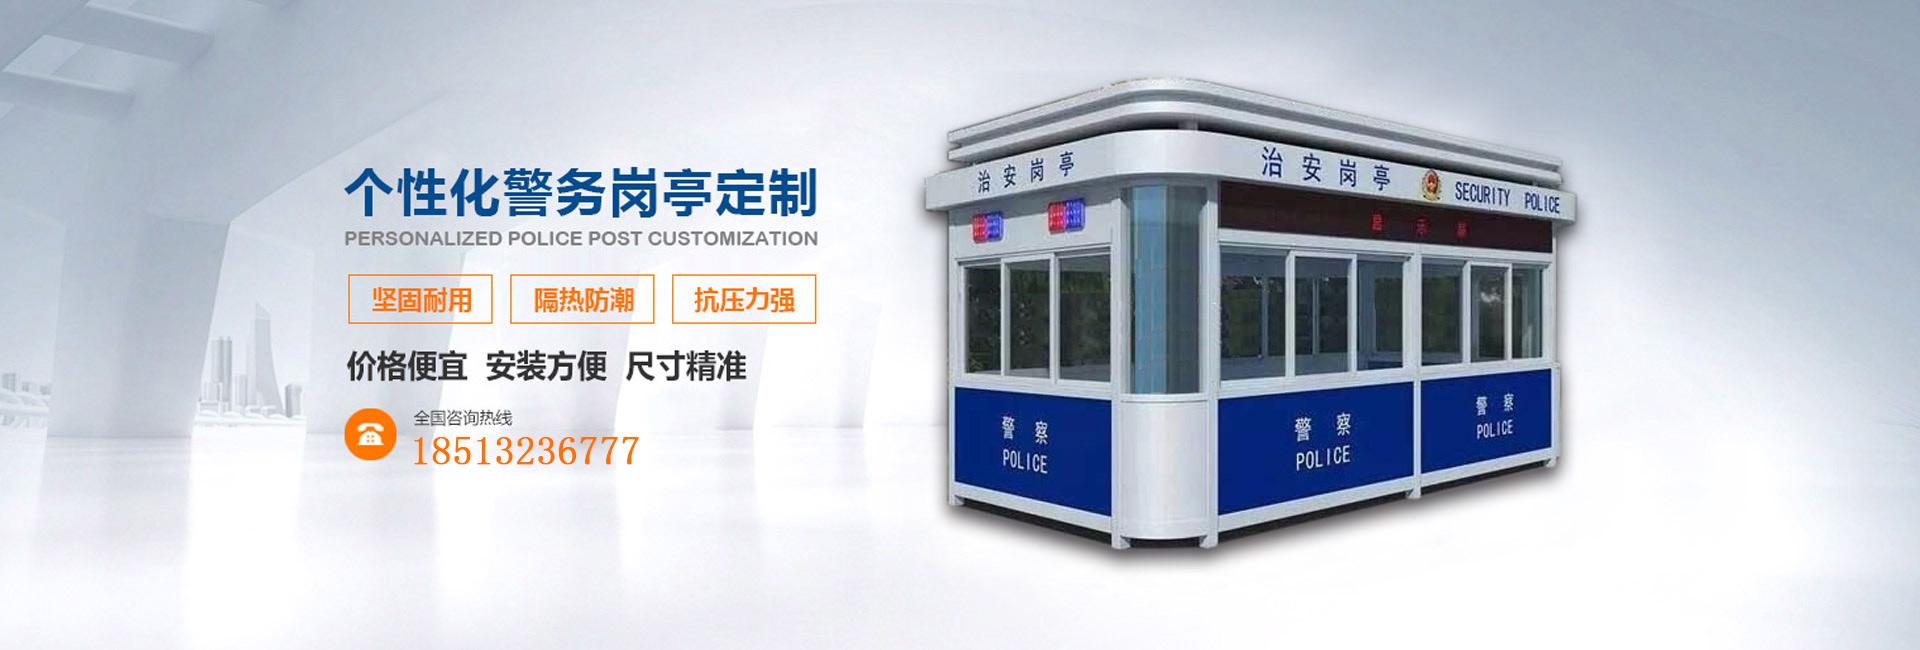 郑州移动公厕批发定制